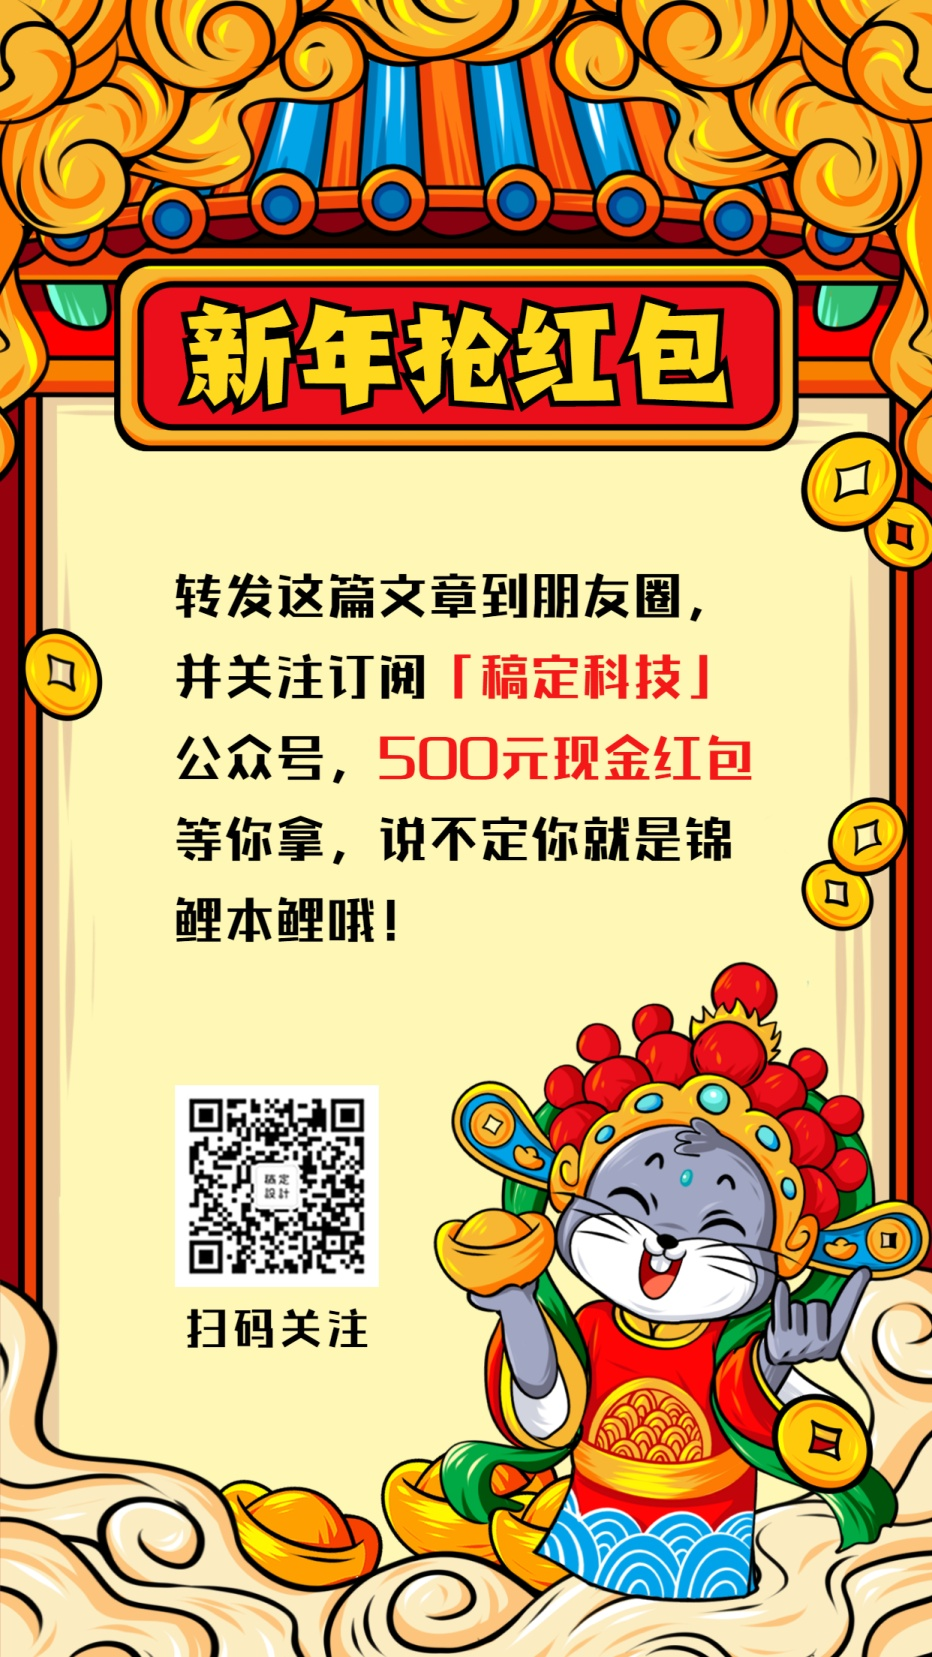 春节新年鼠年年货节新春营销国潮手机海报